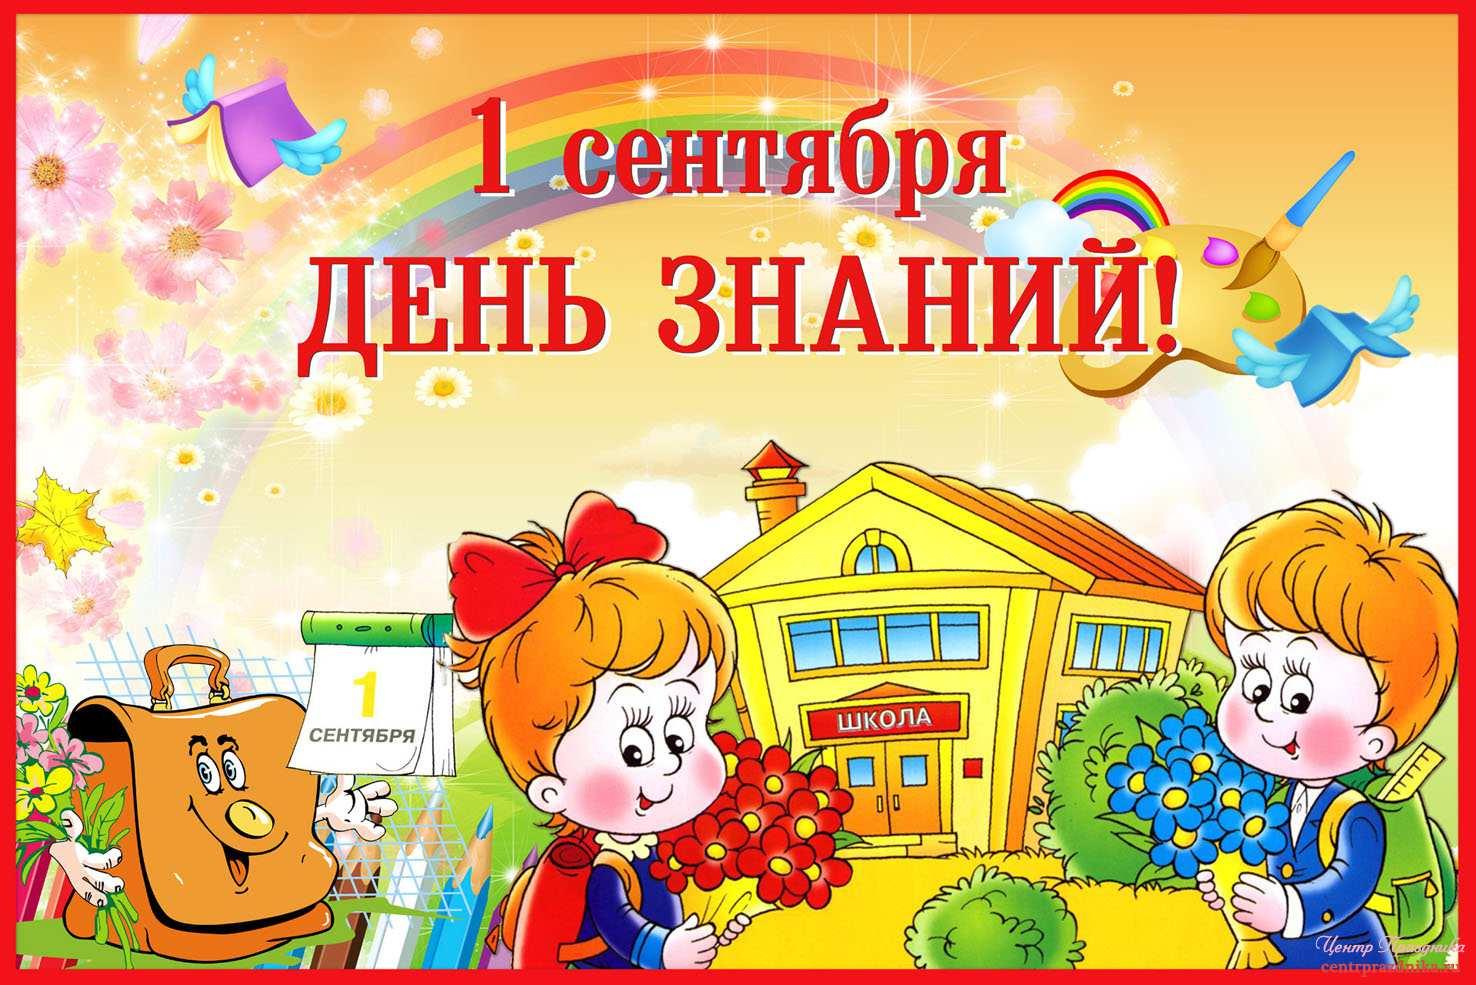 Картинки по запросу 1 сентября поздравления картинки в детском саду